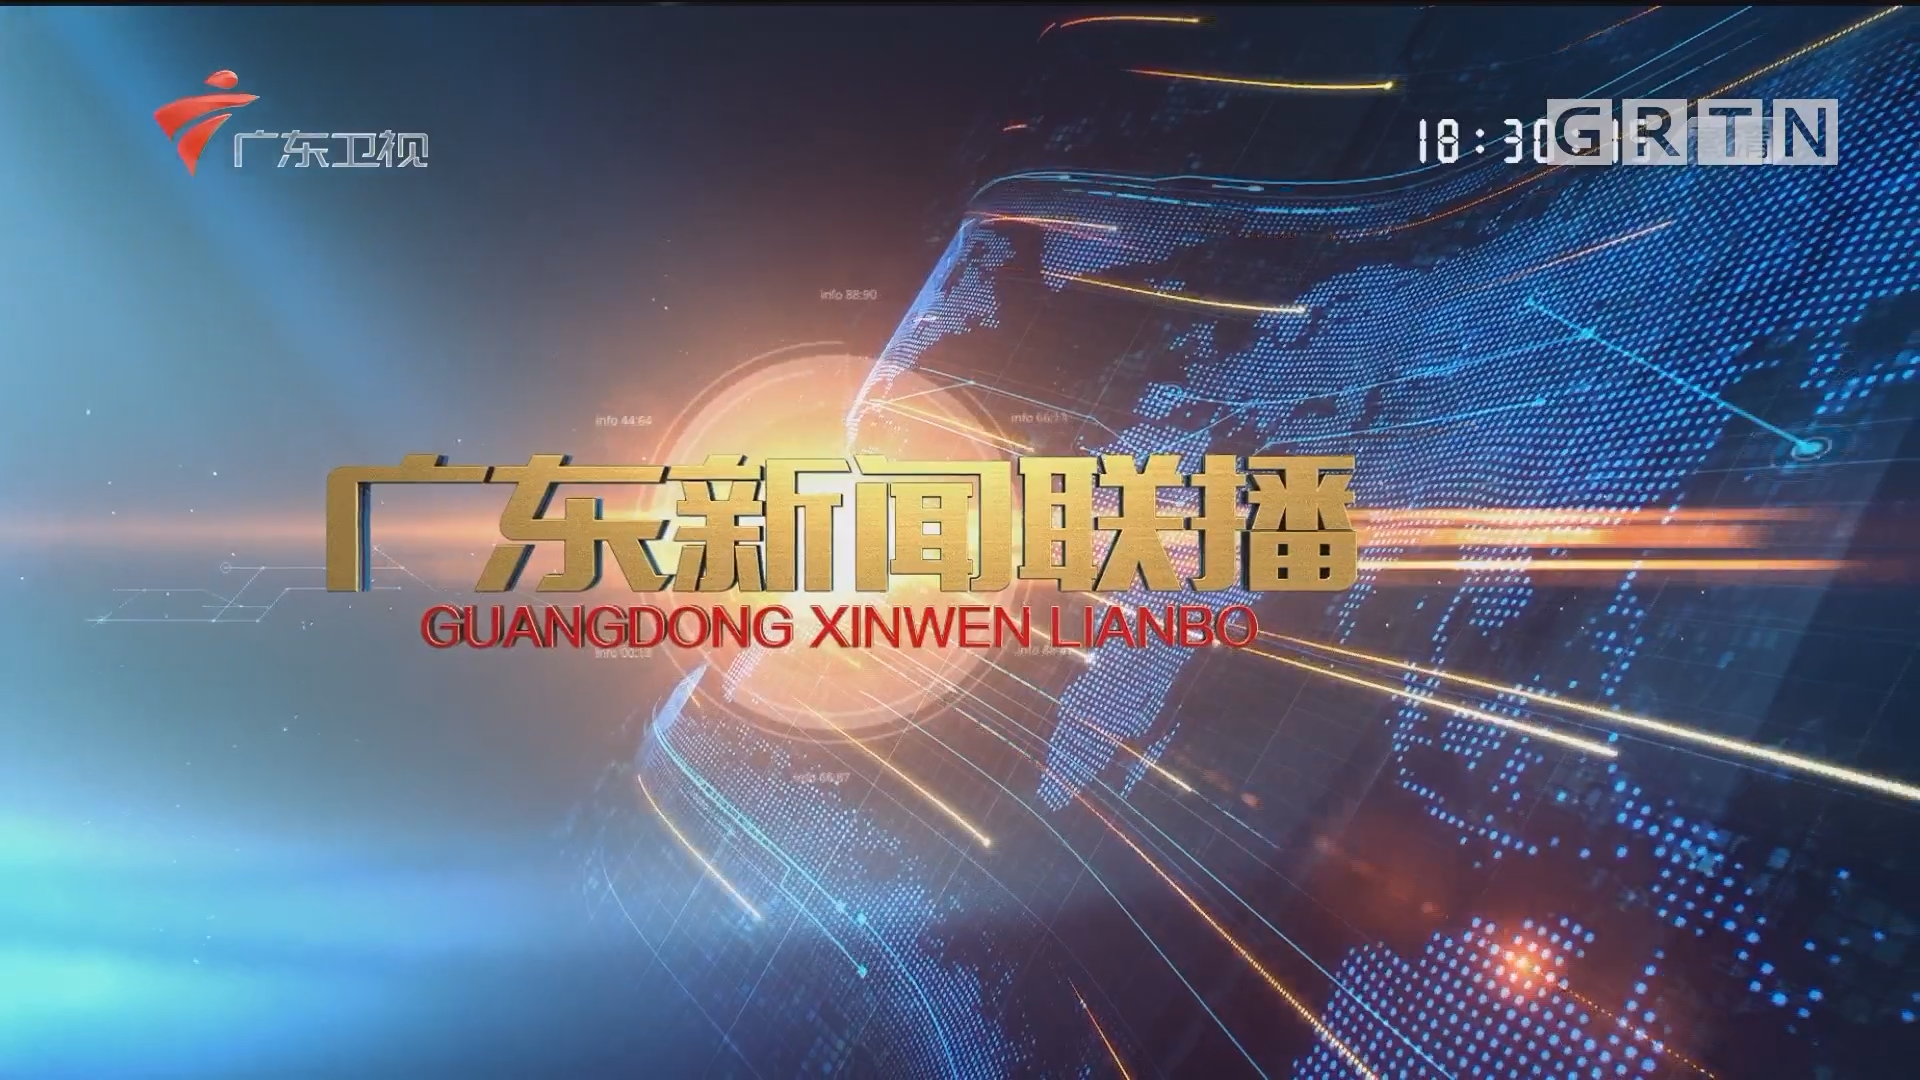 [HD][2017-10-05]广东新闻联播:看戏烧塔观海 广东各地喜庆中秋